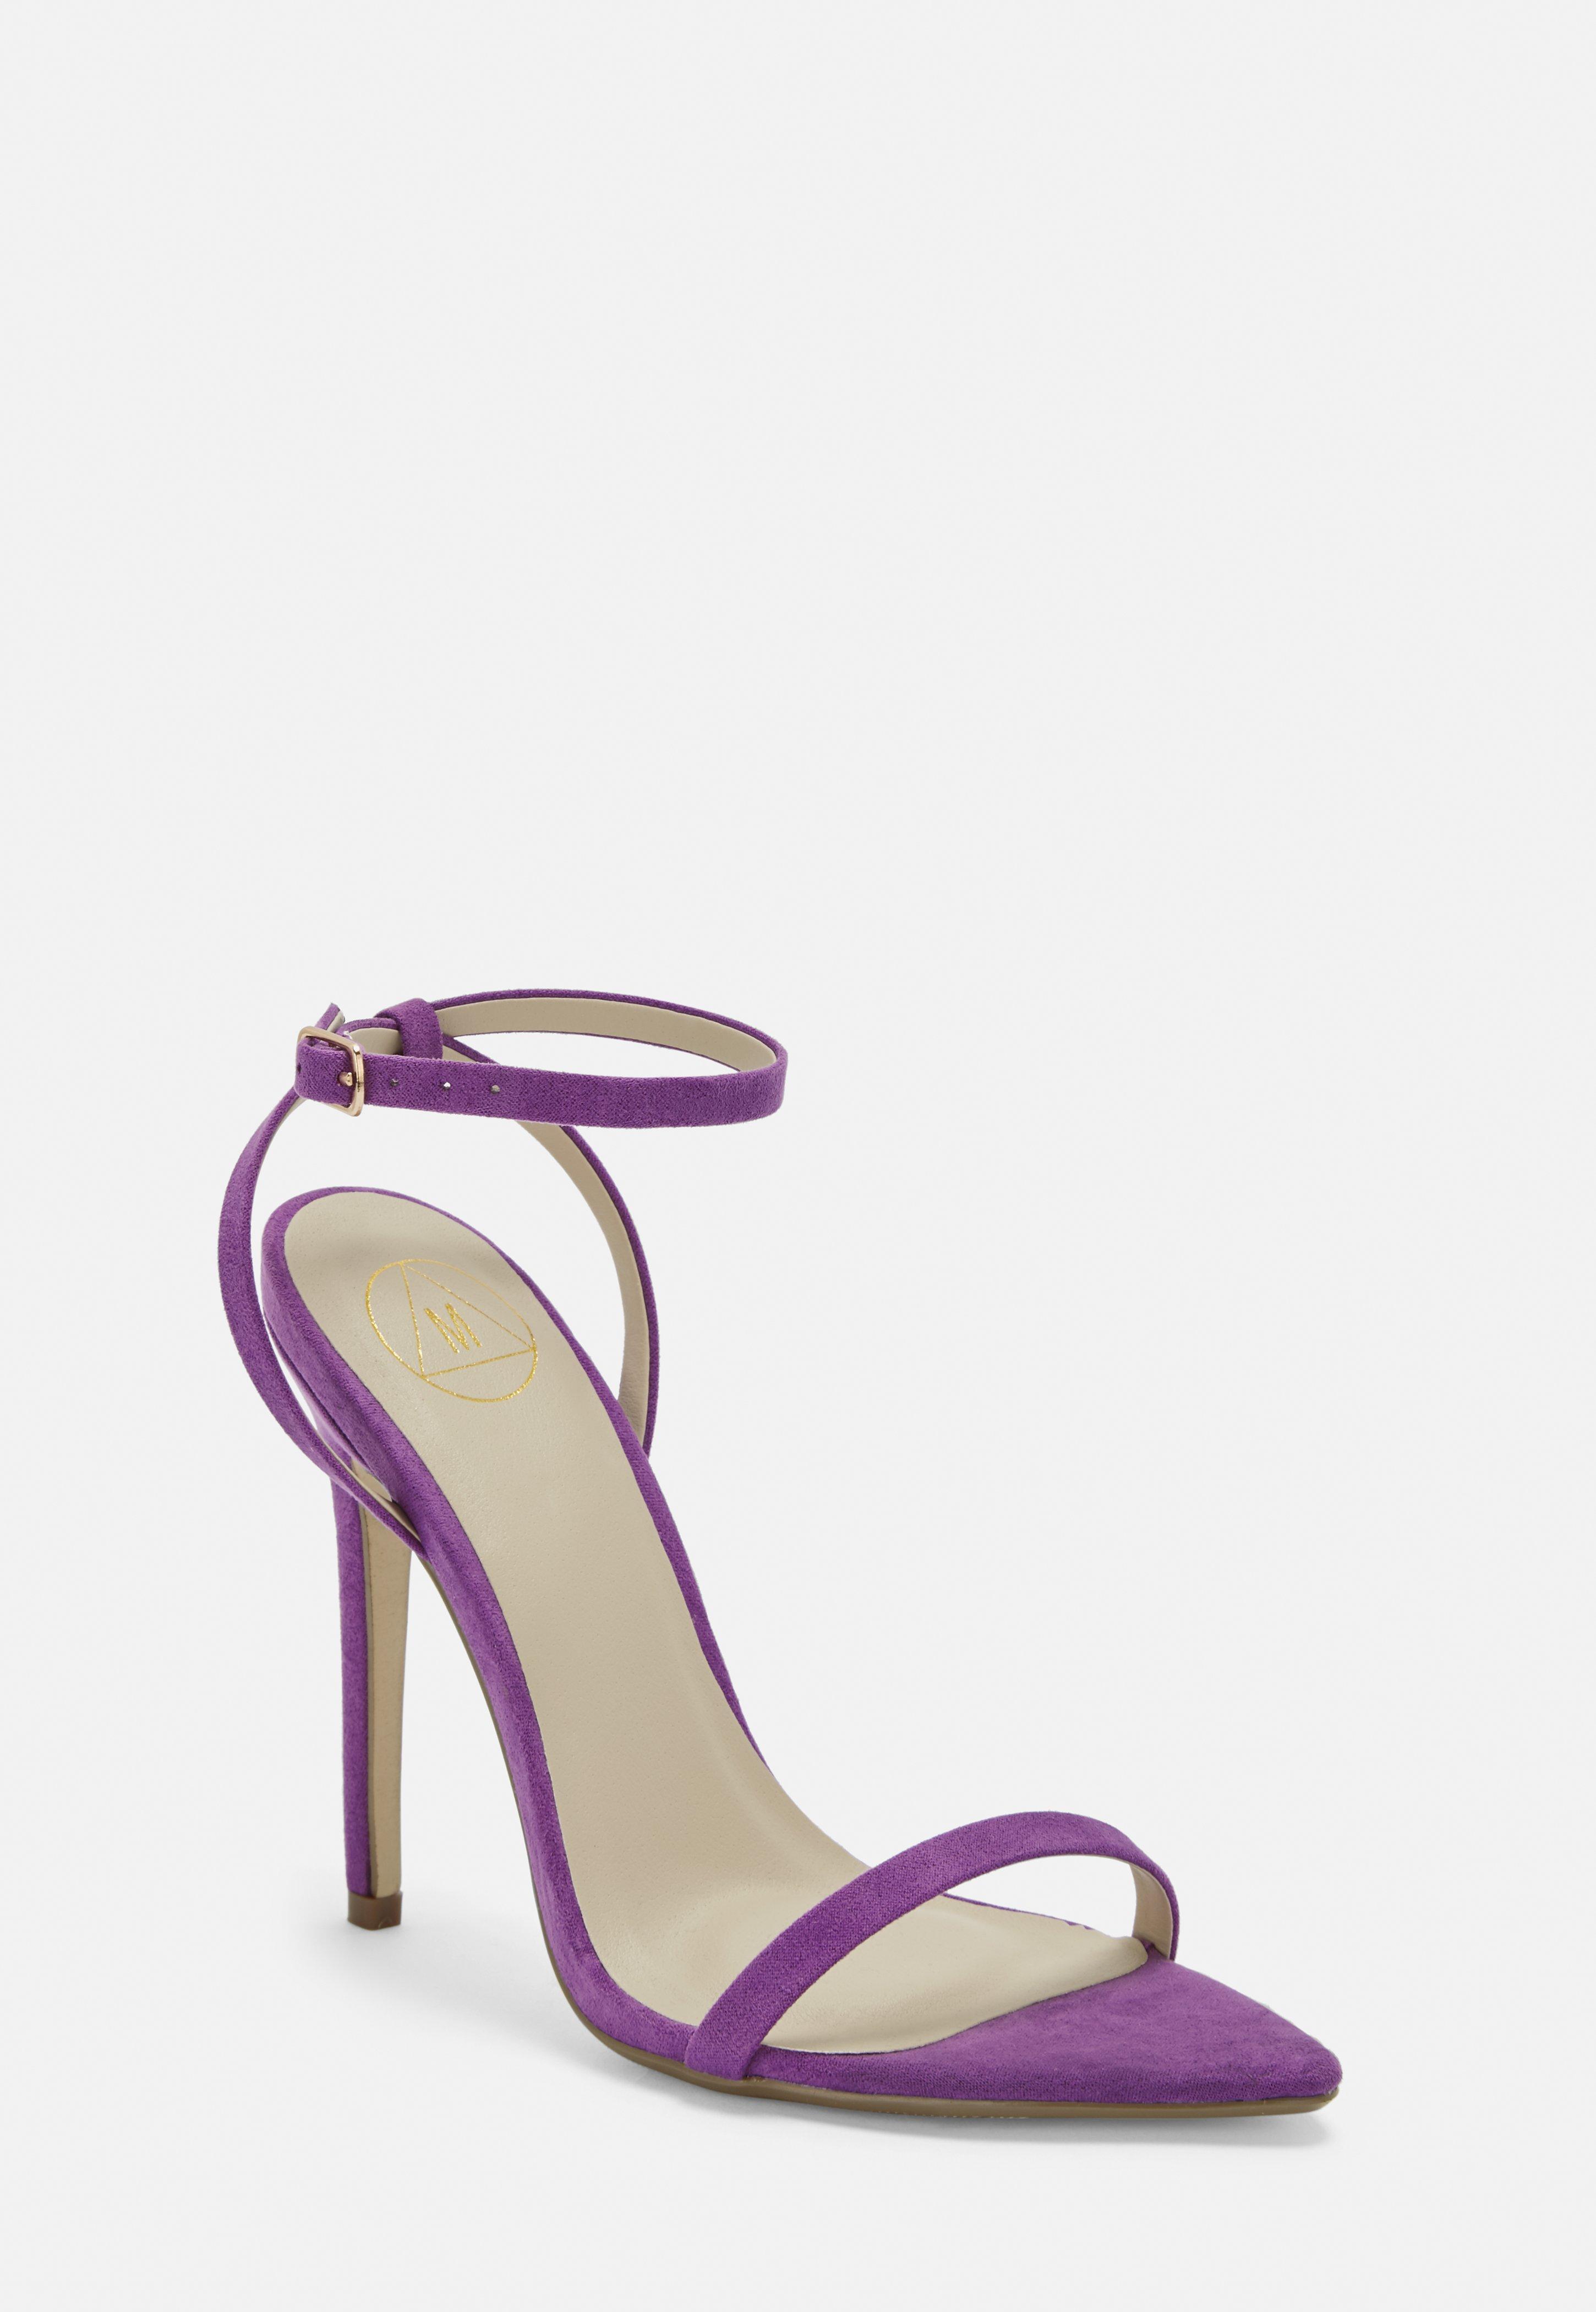 cd30a444c43 High Heels - Shop Women s Stilettos Online